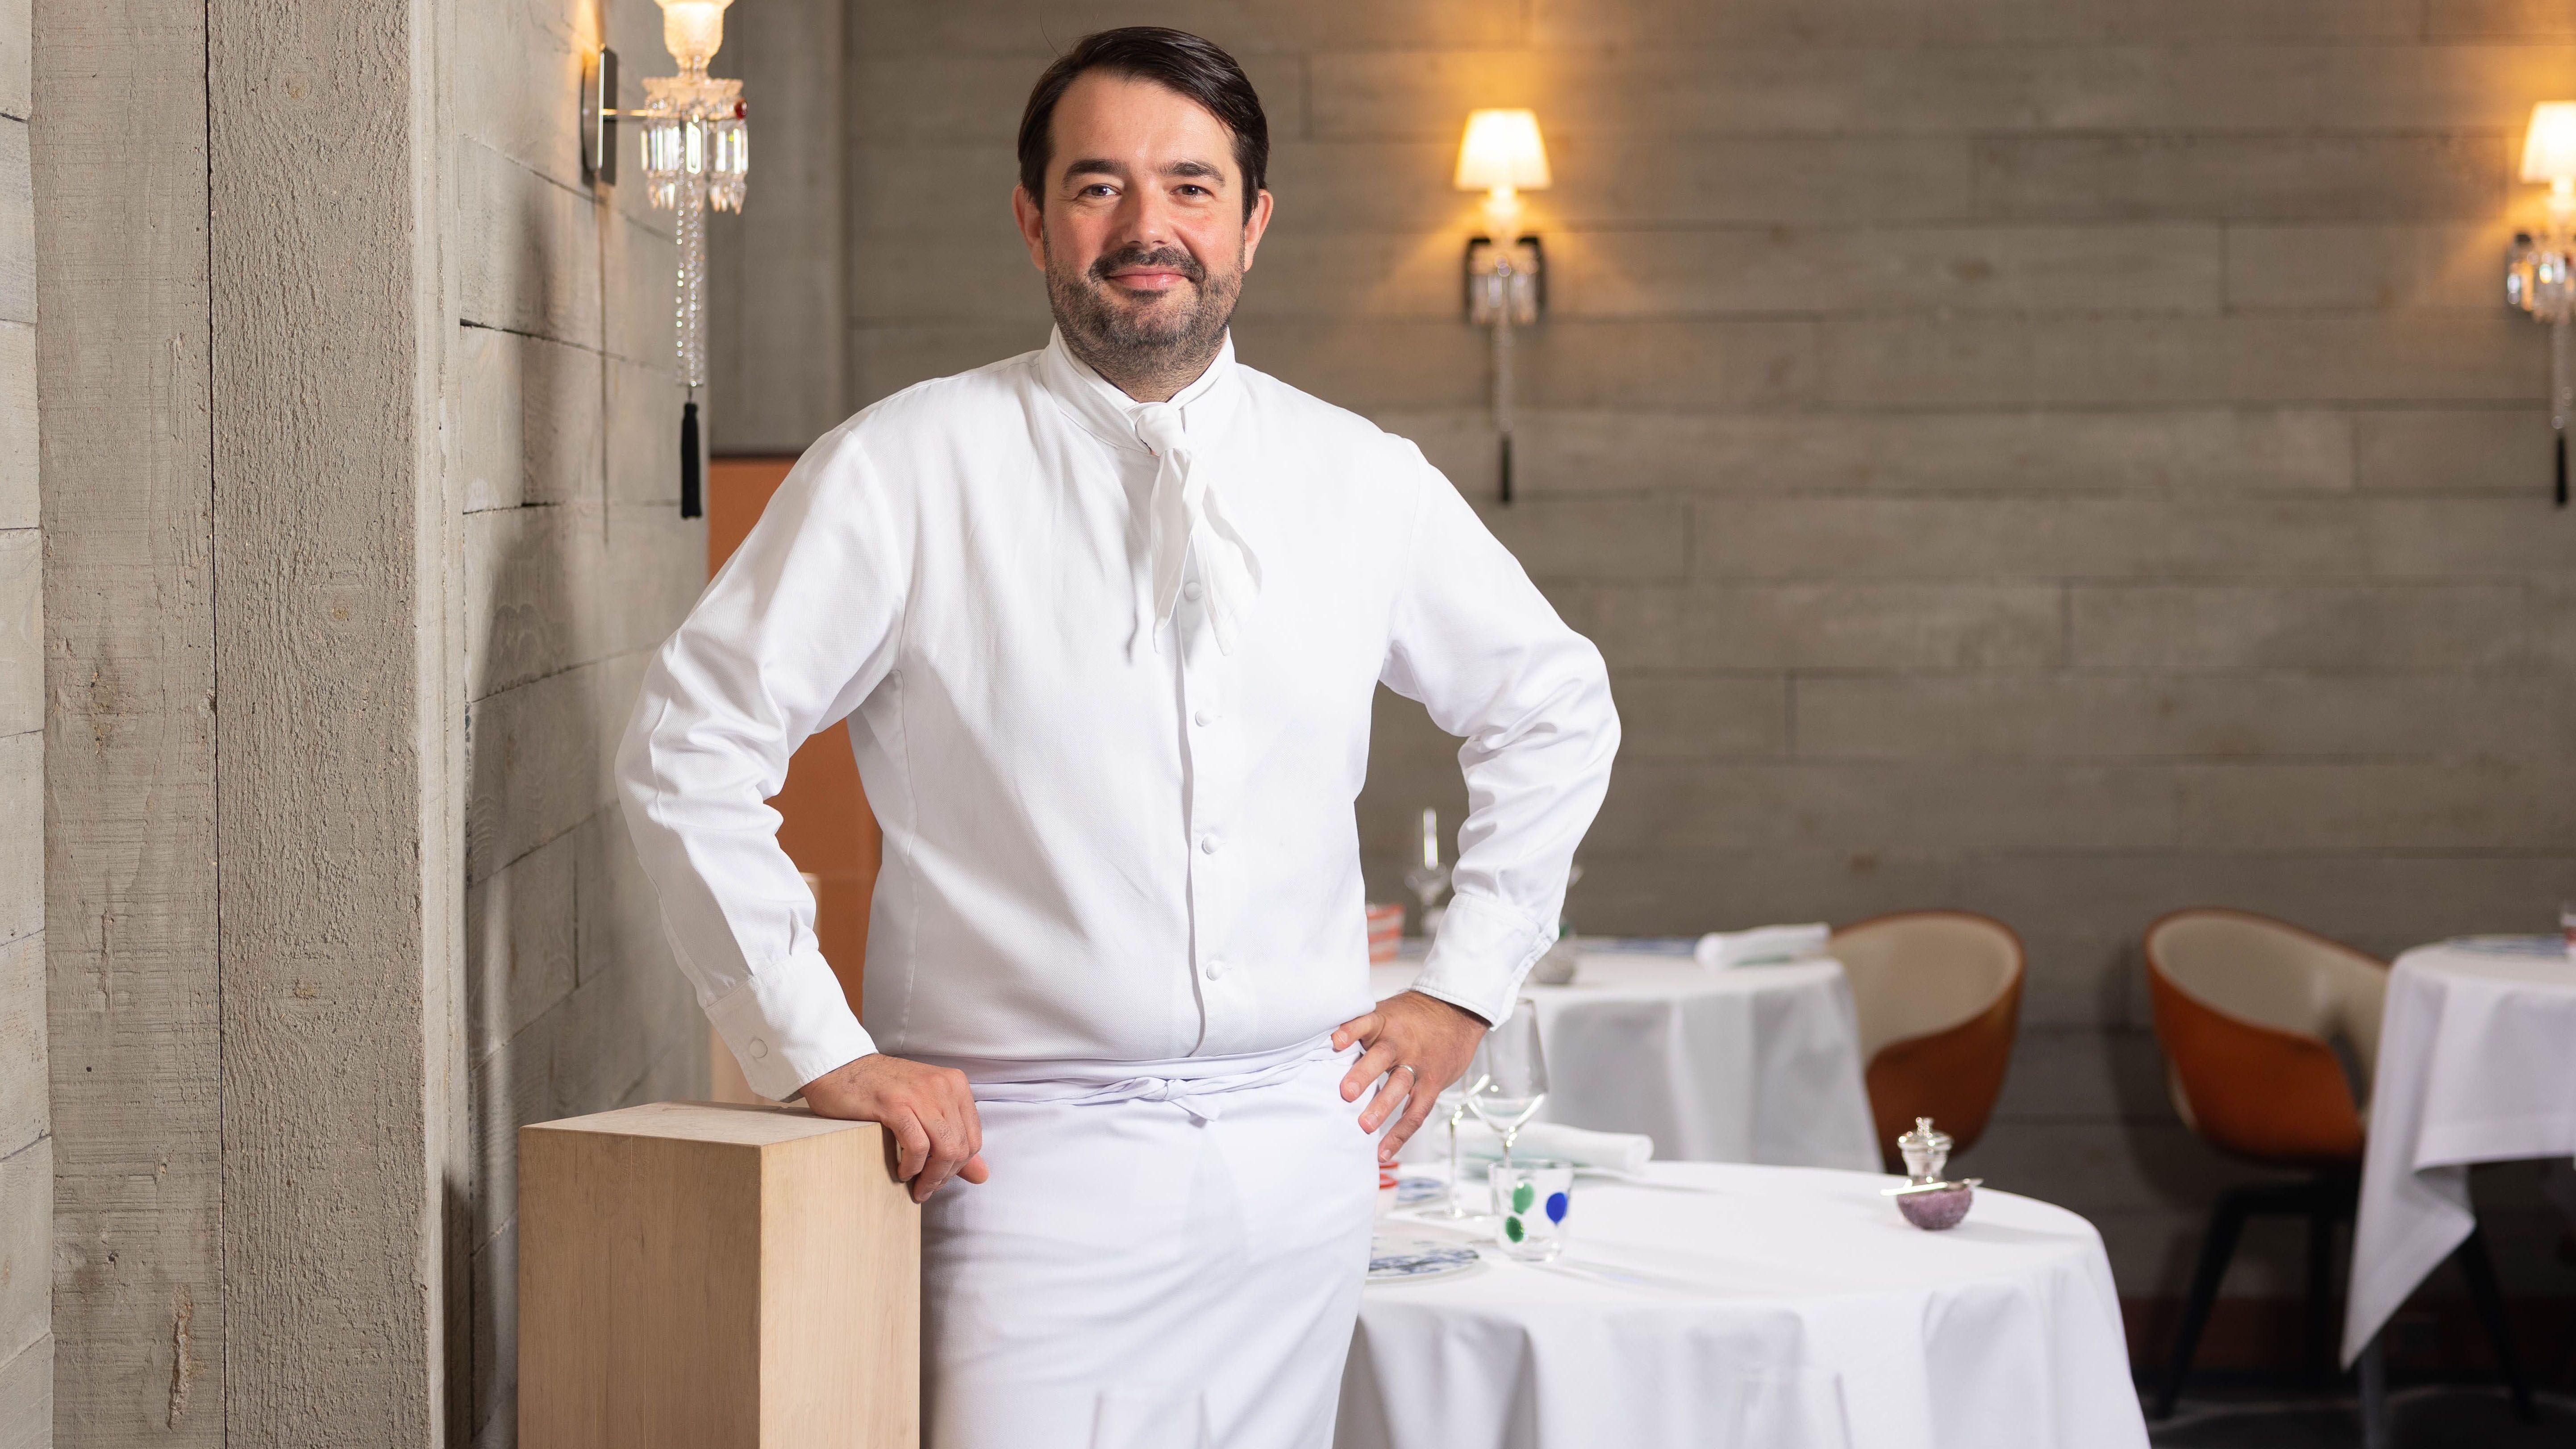 Jean-François Piège : pourquoi sa femme Elodie ne l'a pas du tout reconnu dans Chef contre chef